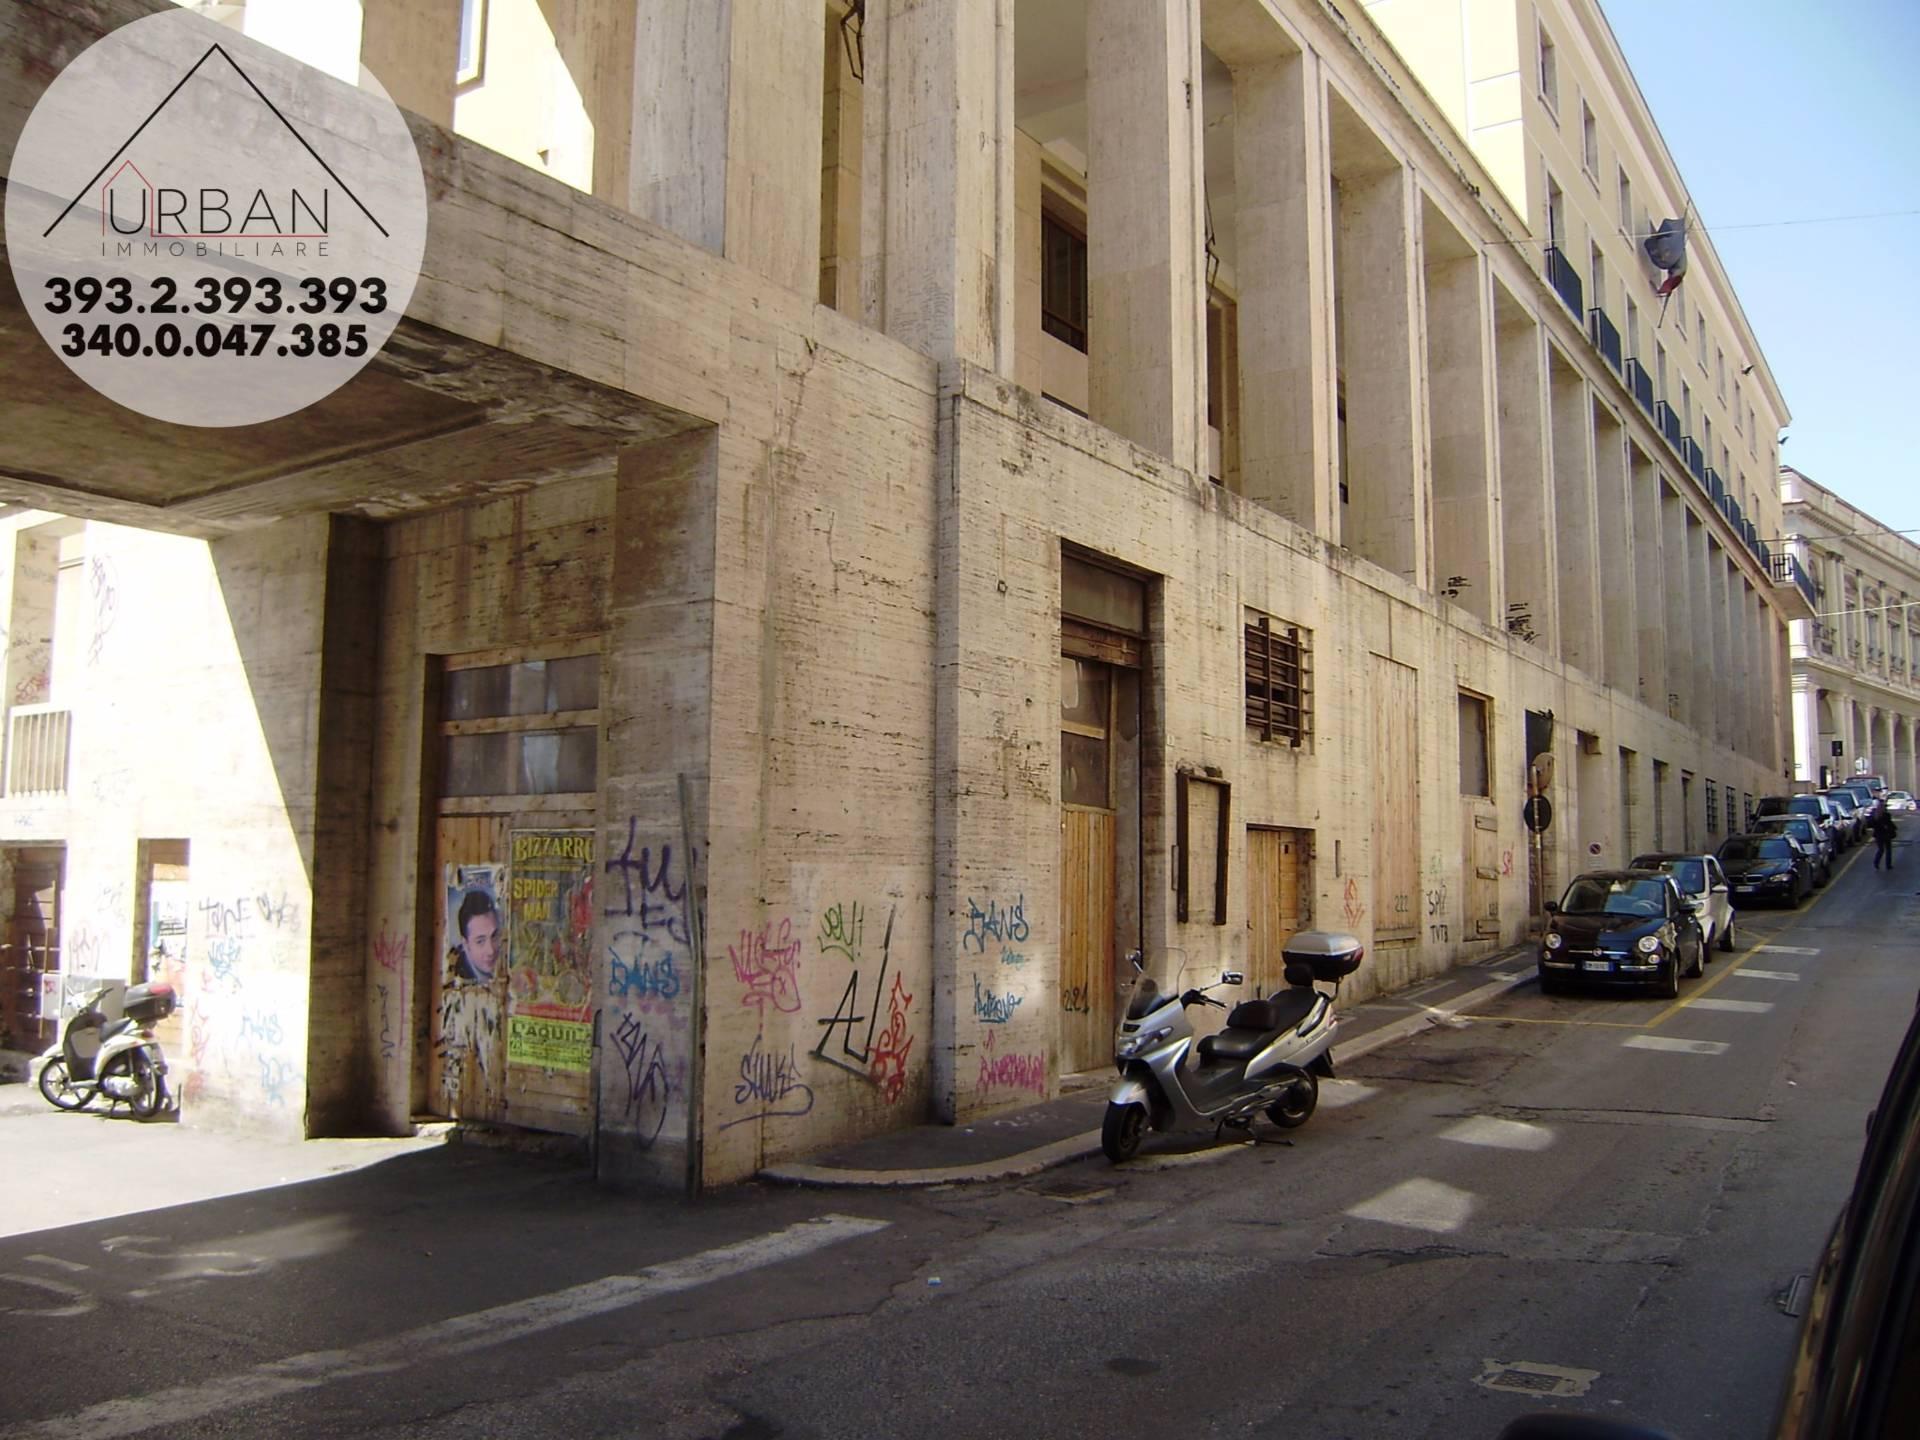 L'Aquila (AQ) - Via San berardino